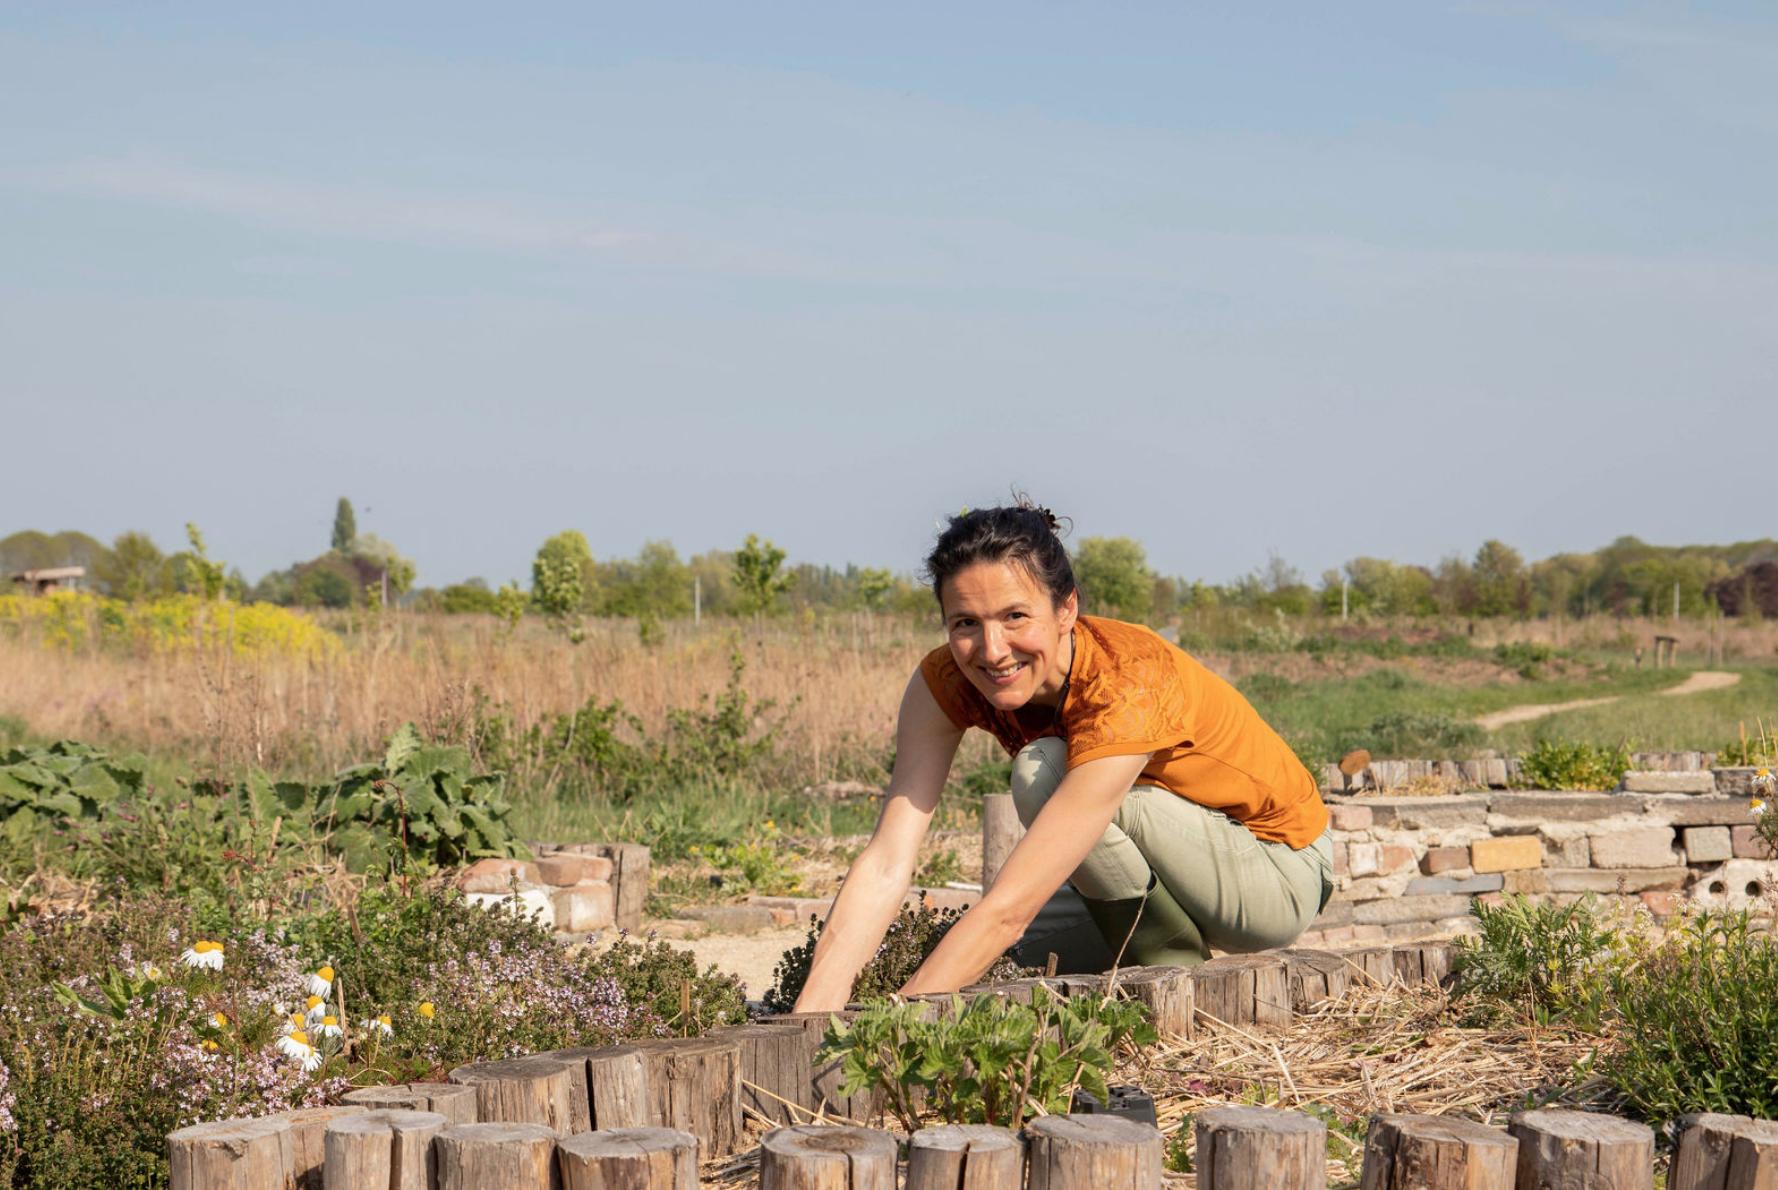 Kruidenoogst Chantal oogst voedselbos